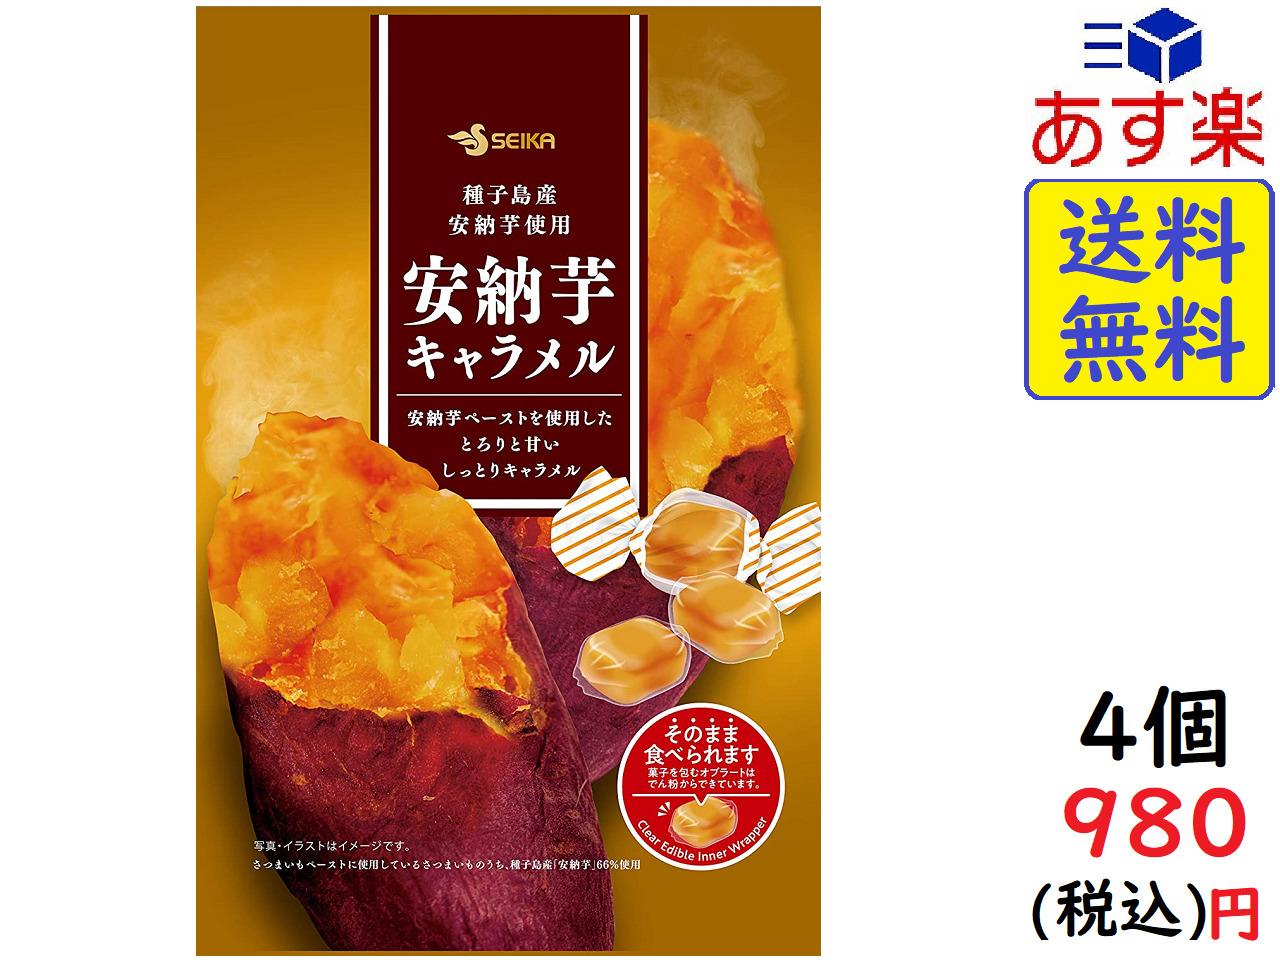 送料無料 あす楽対応 ポスト投函 セイカ食品 安納芋キャラメル 107g 21 11 ×4個賞味期限2021 期間限定特別価格 新登場